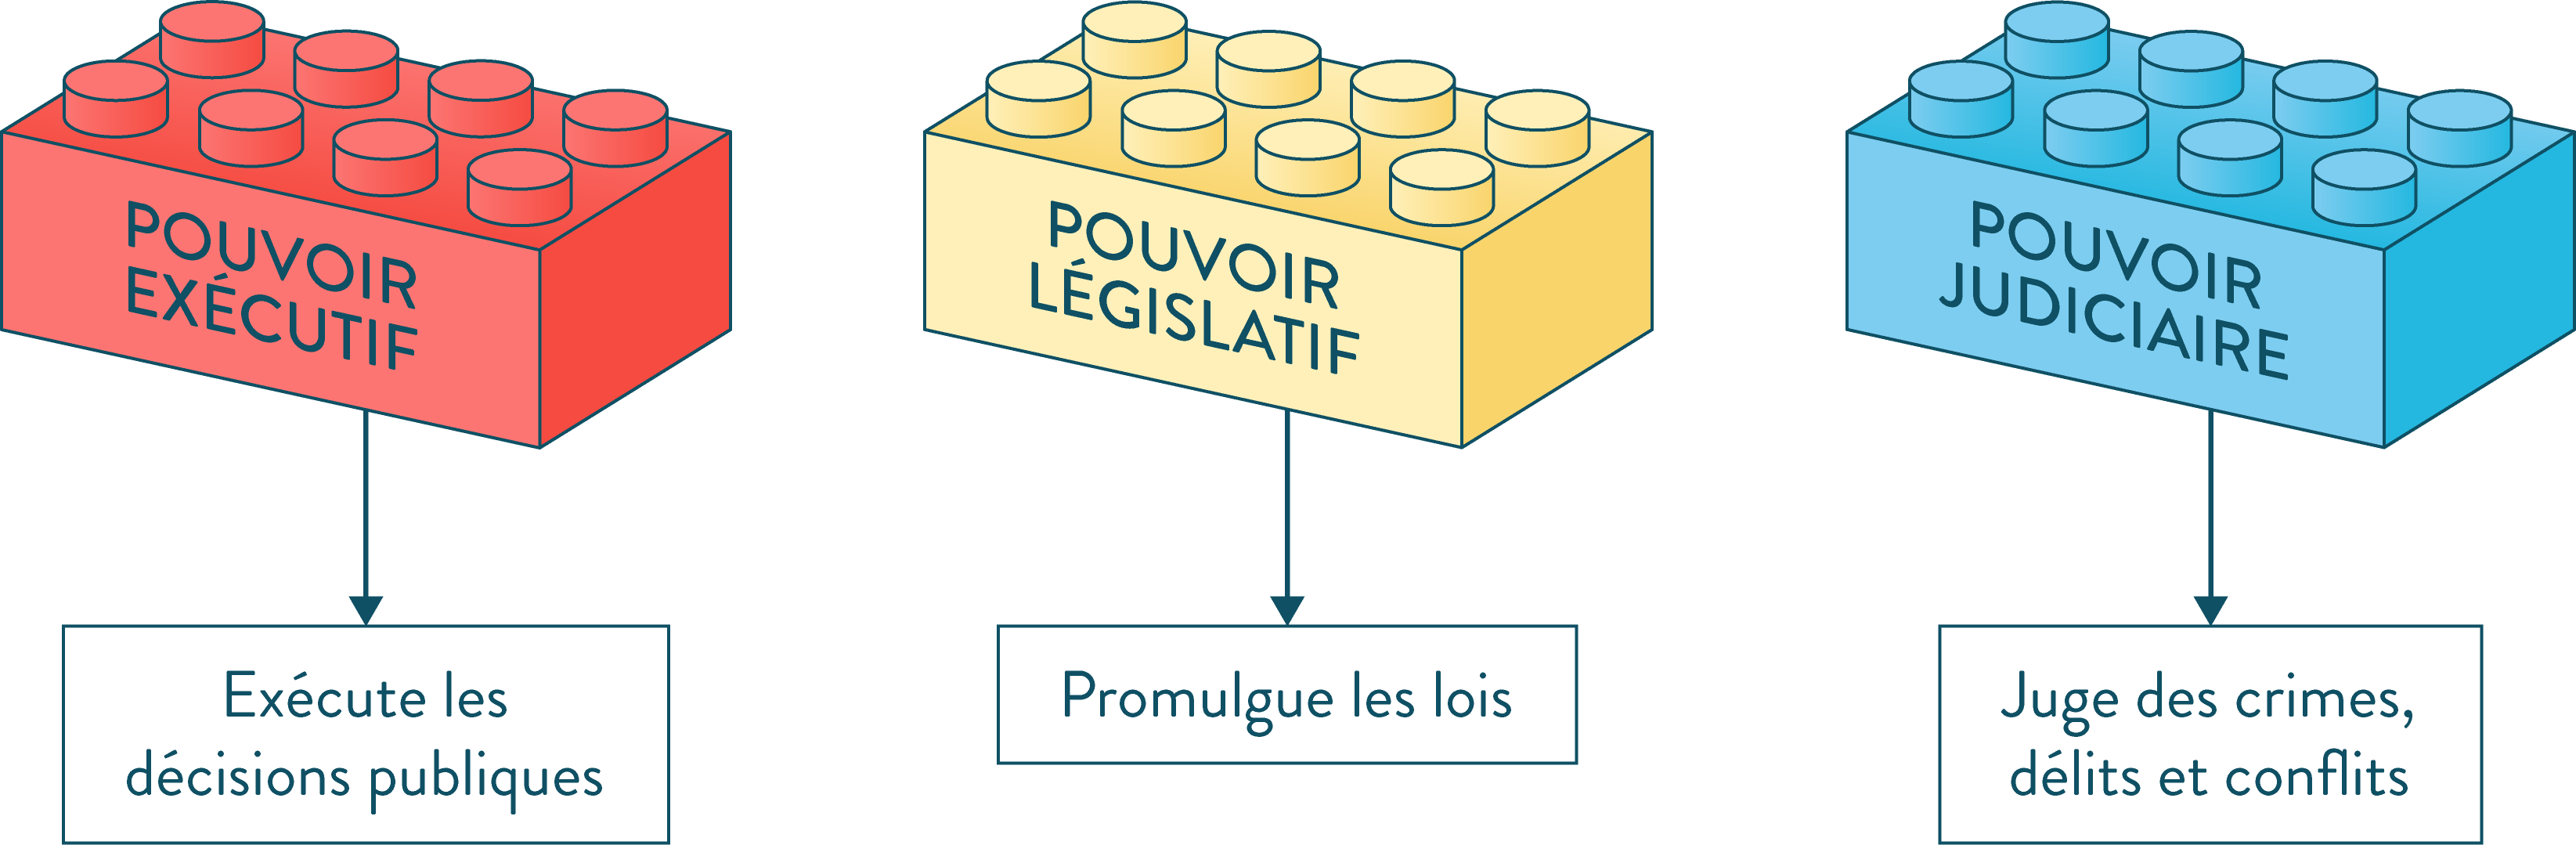 séparation des pouvoirs exécutif législatif judiciaire